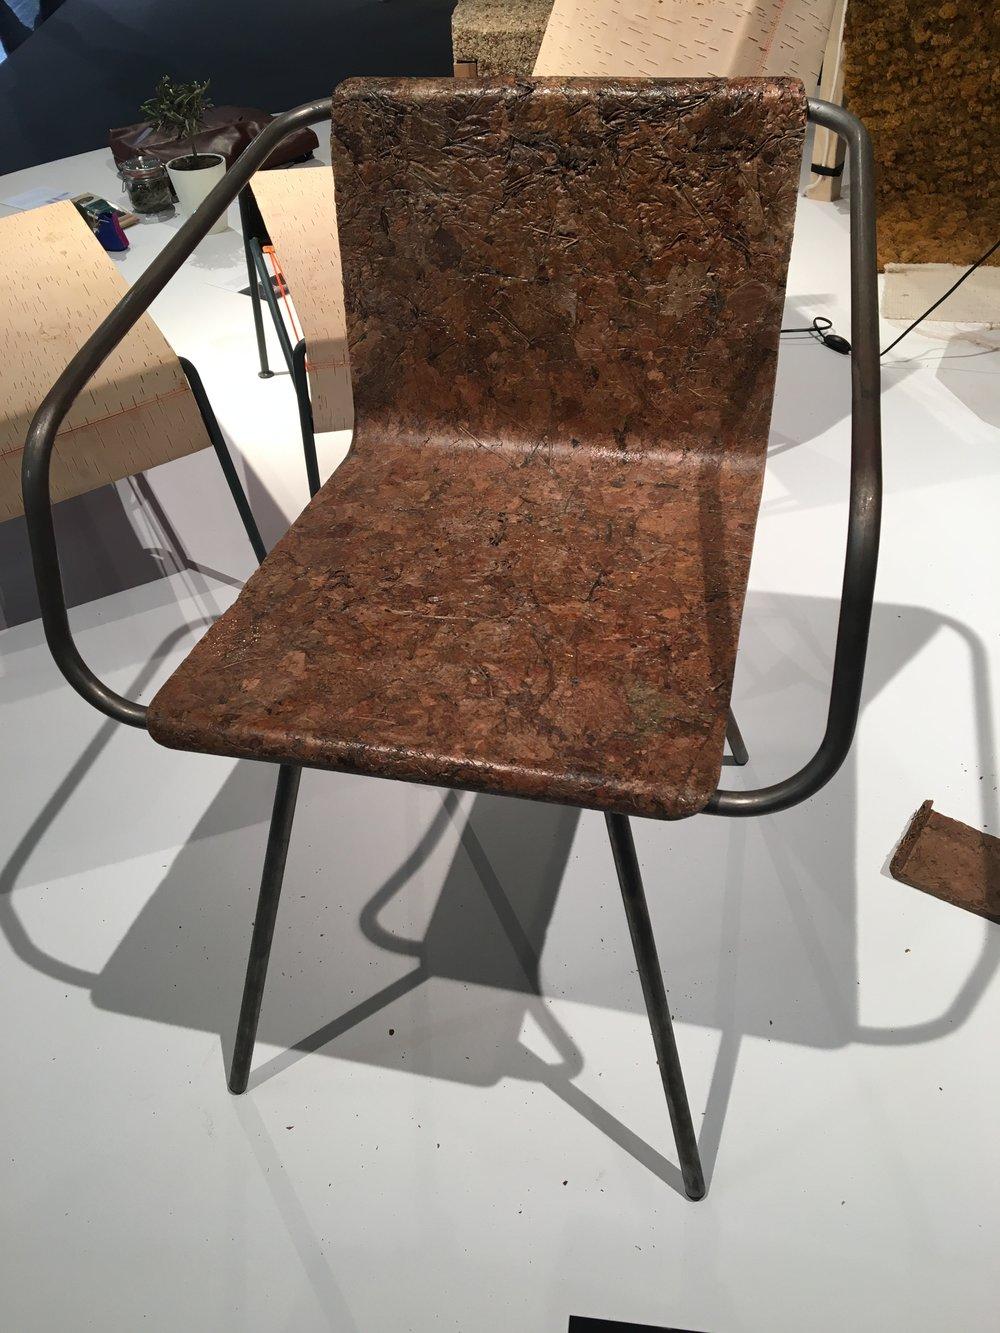 Vom Baum gefallen: Für seinen Beleaf Chair nutzt Simon Kern die Laubabfälle der Großstadt. Die Blätter werden in einem speziellen Verfahren so gehärtet, dass man ohne Sorge drauf sitzen kann.